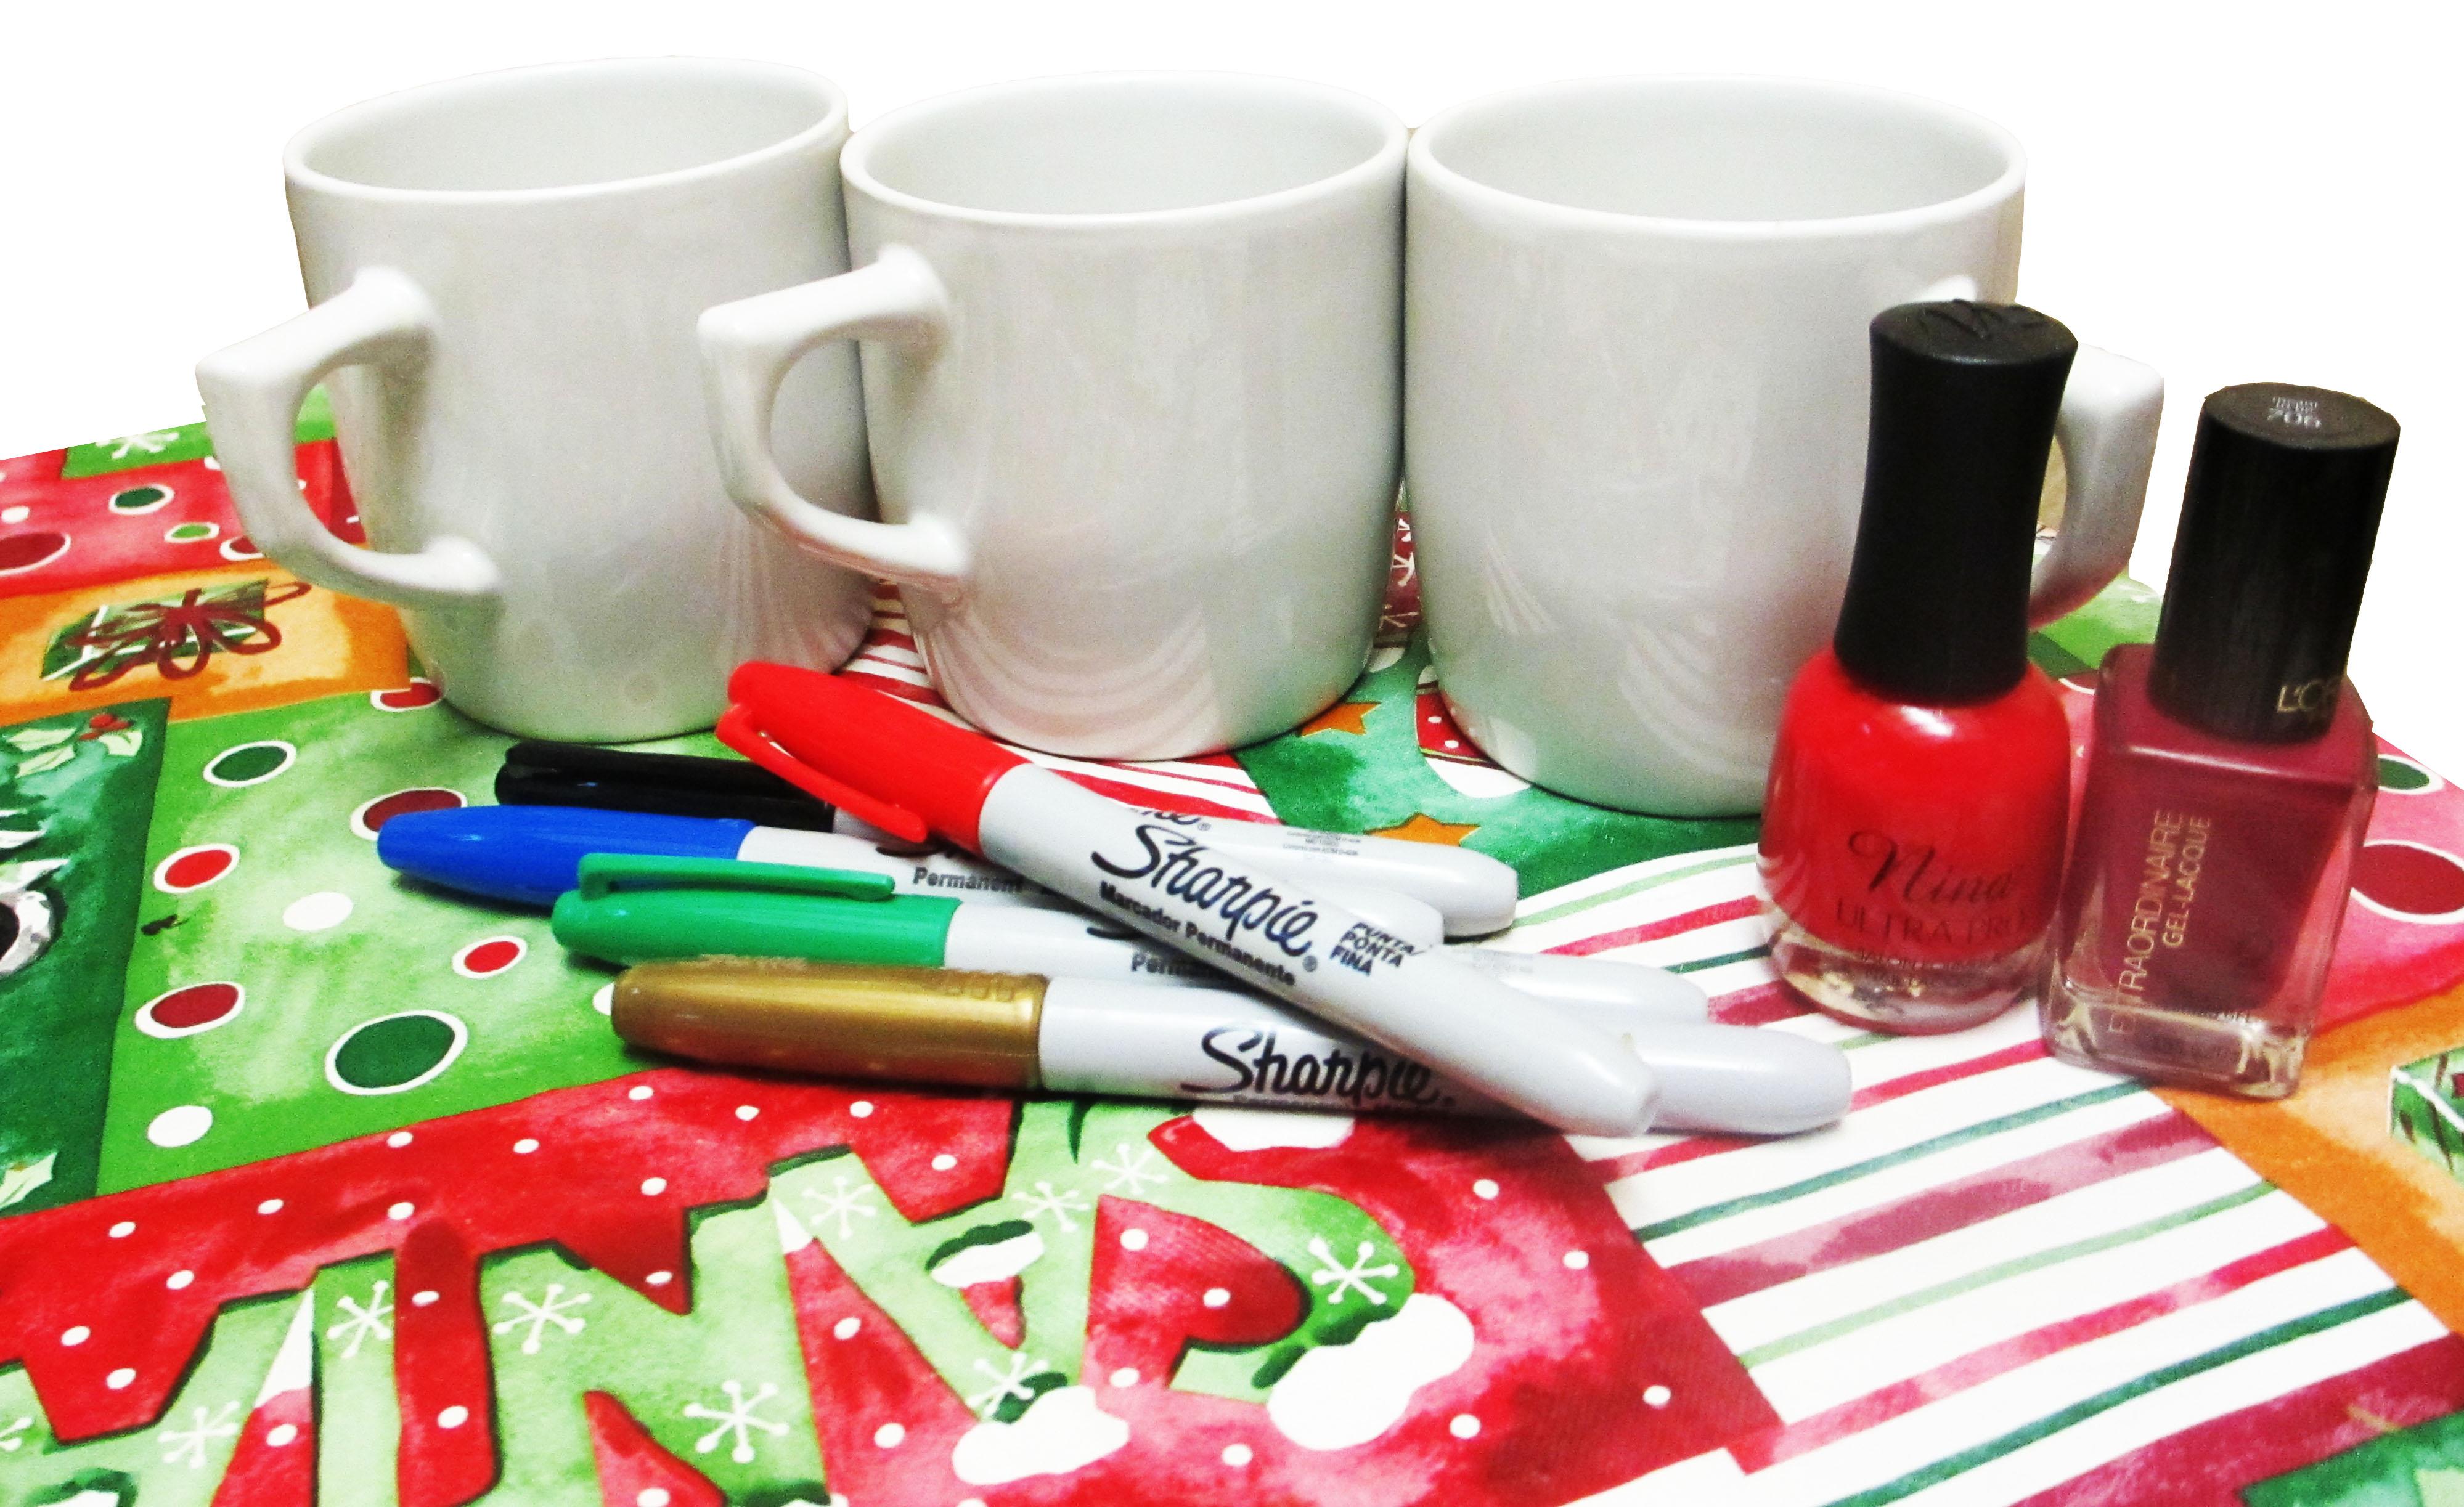 Diy 5 Ideas Para Regalar Tazas Personalizadas En Navidad Myculturee - Opciones-de-regalos-para-navidad